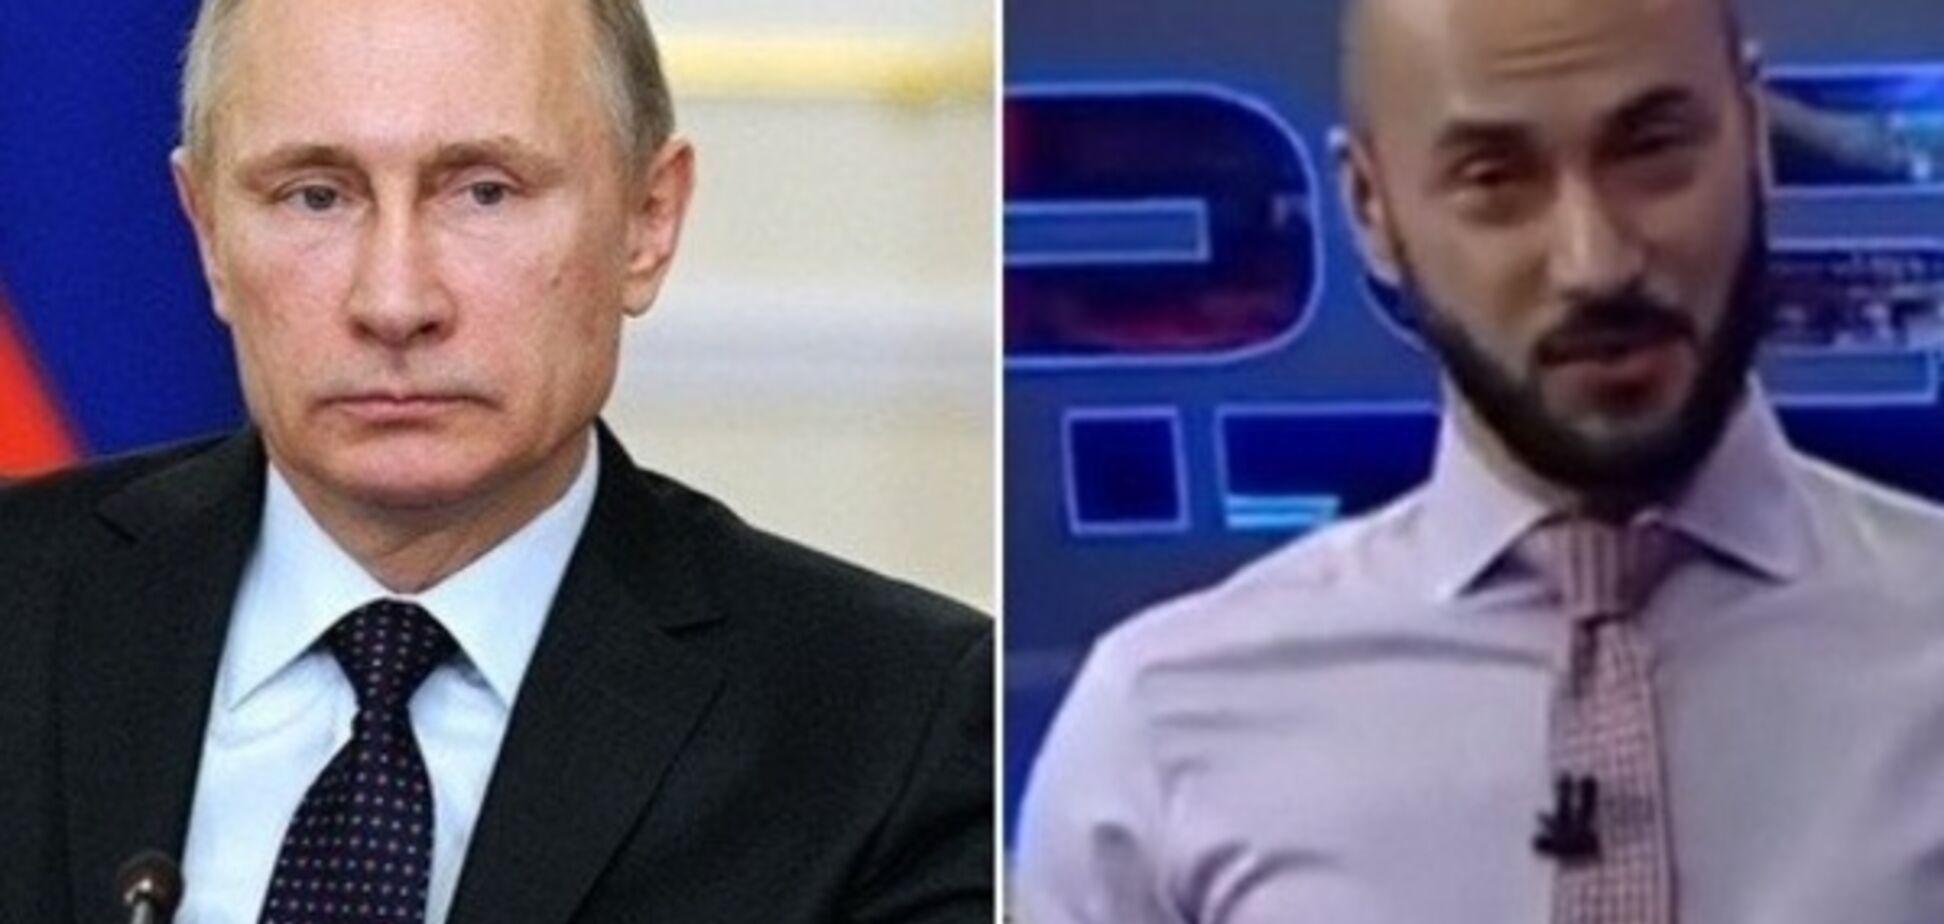 Портников объяснил 'припадок' россиян из-за скандала с Путиным